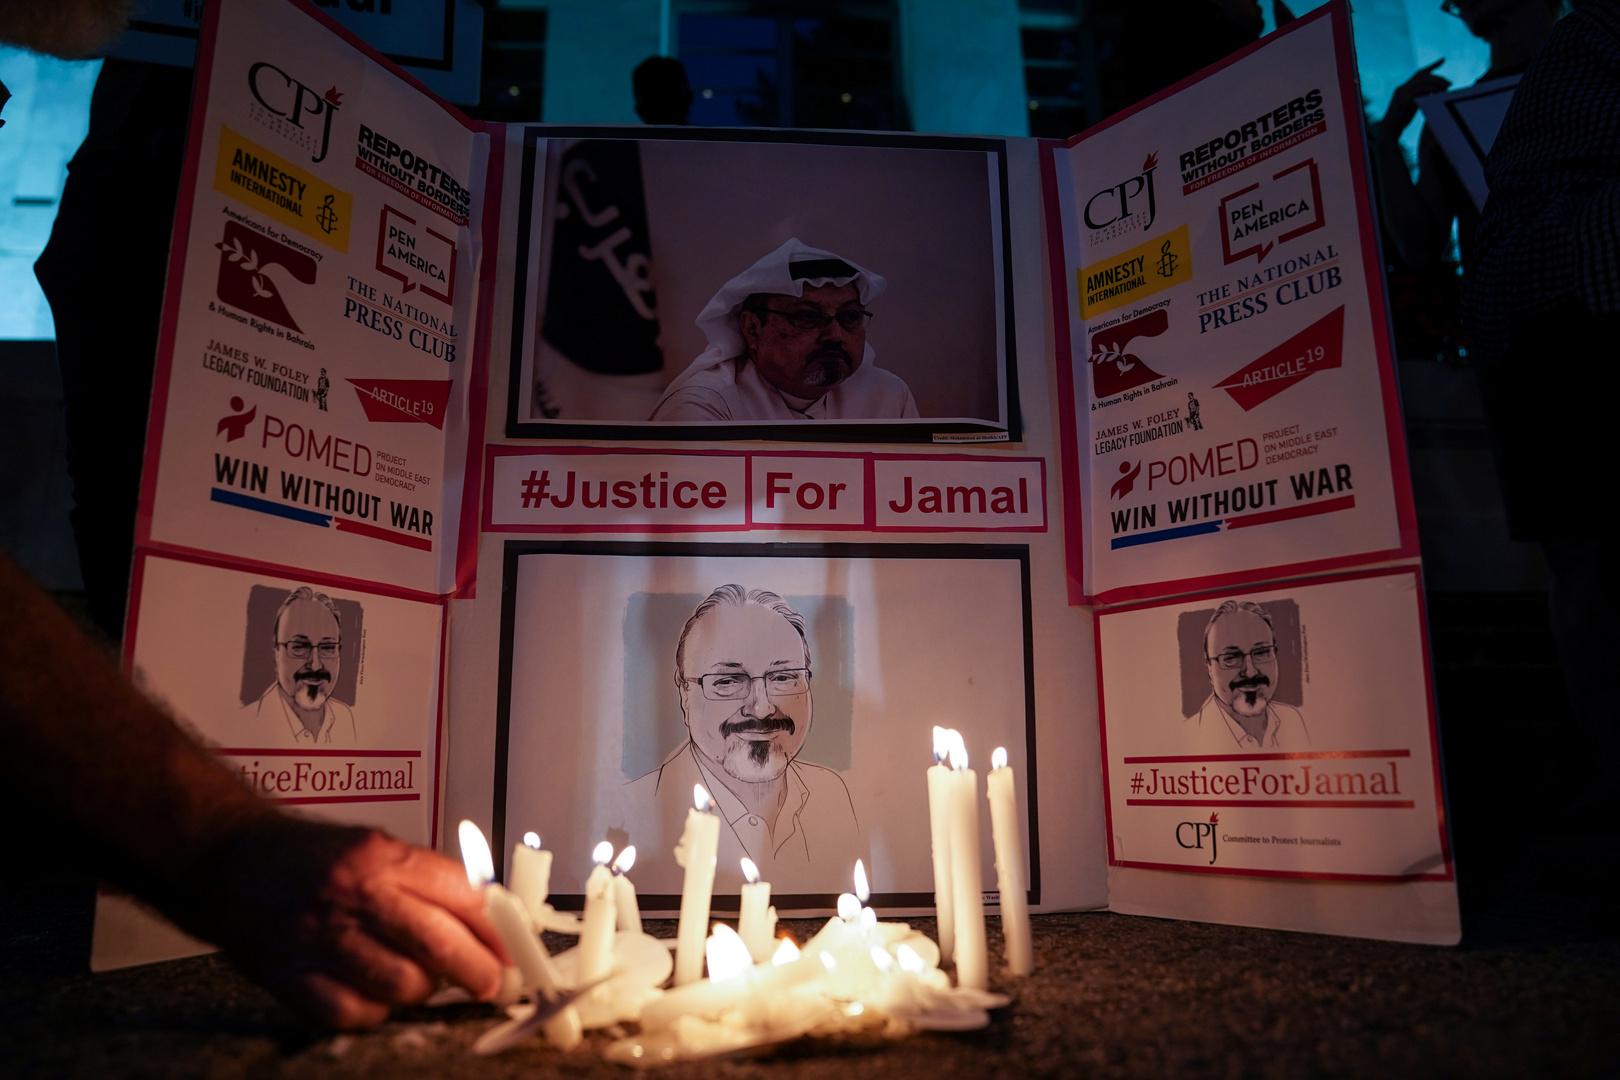 شاهد في قضية خاشقجي يبلغ محكمة تركية بأن السعوديين طلبوا منه إشعال فرن